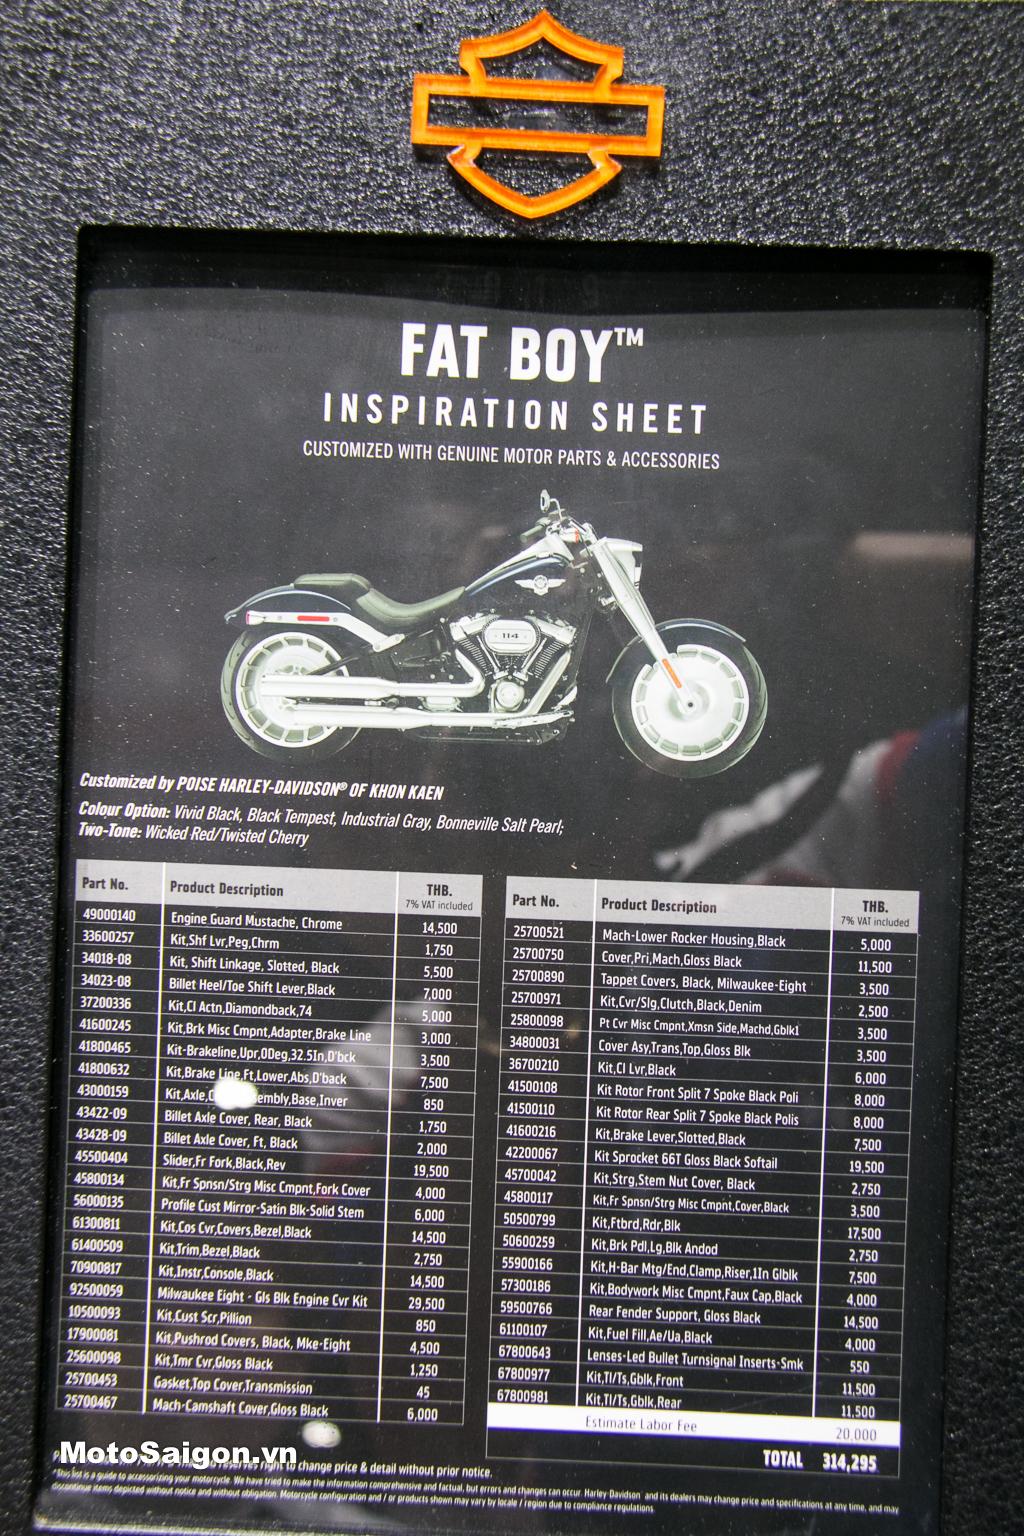 Dàn đồ chơi 230 triệu trên bản độ Harley-Davidson Fat Boy 114